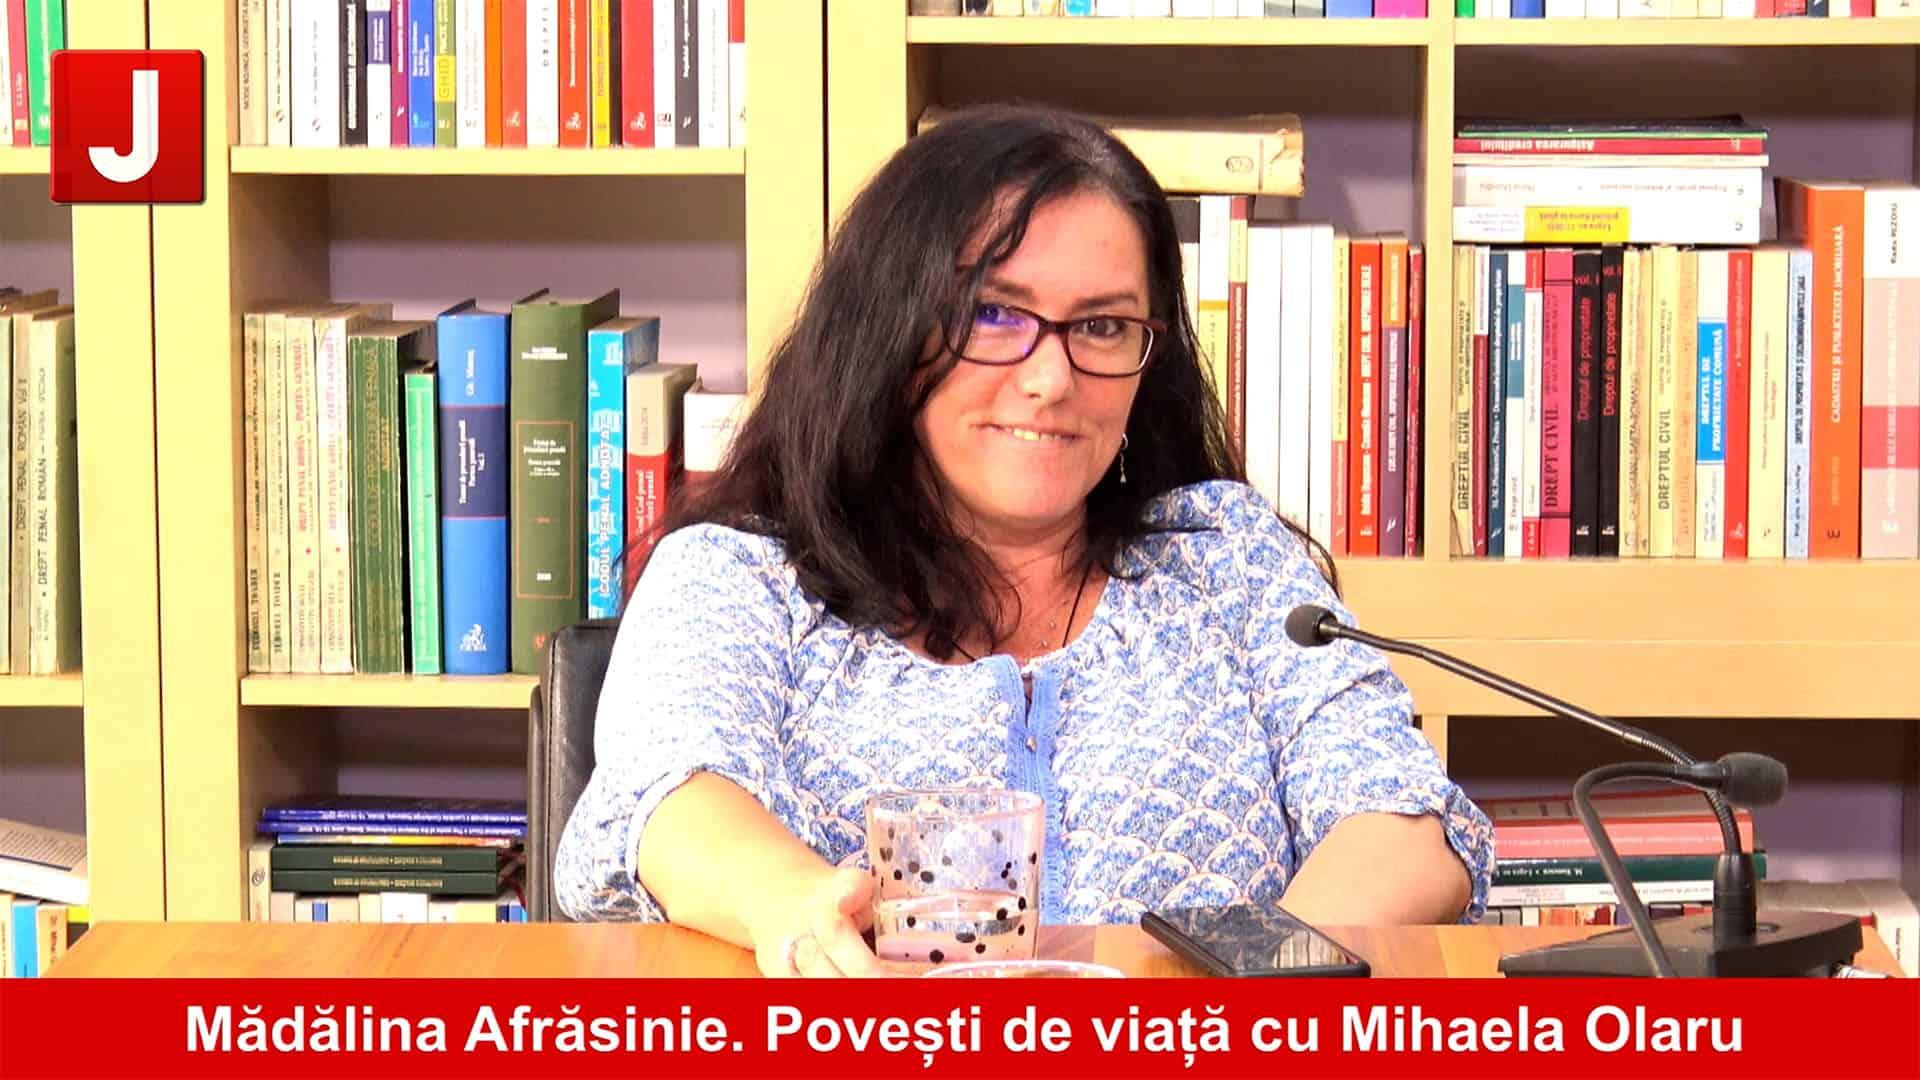 Lecții de viață, cu judecător, Mădălina Afrăsinie | Povești de viață cu Mihaela Olaru